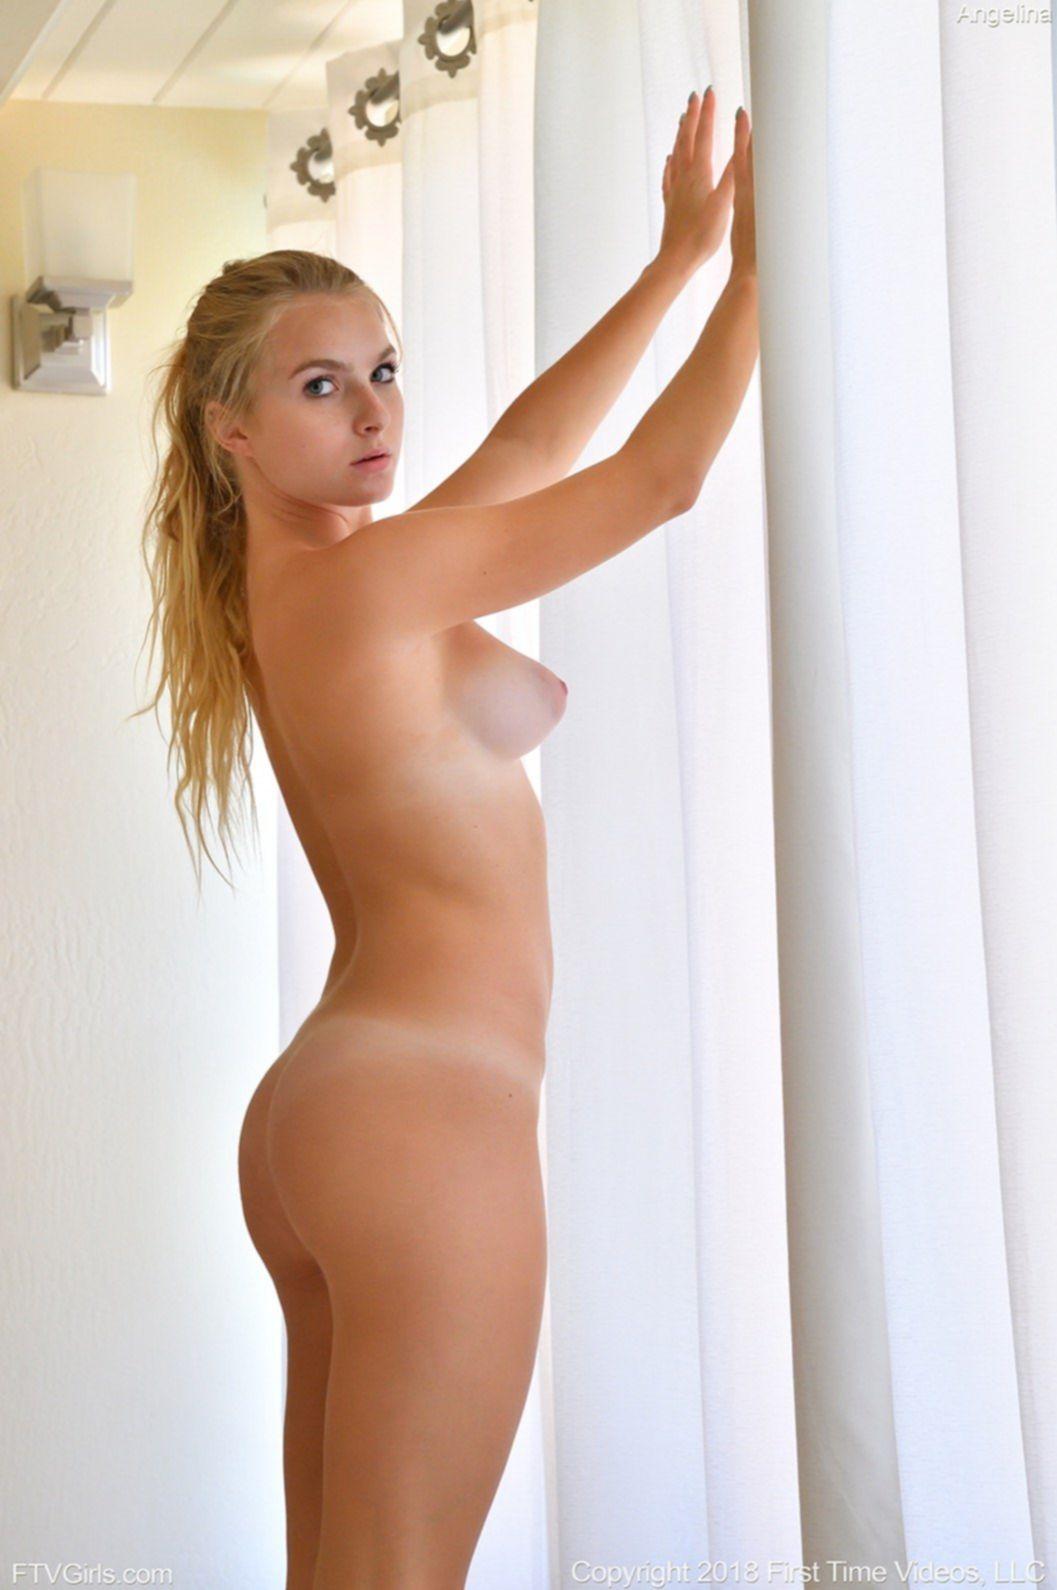 Голая спортсменка показала грудь в раздевалке - фото